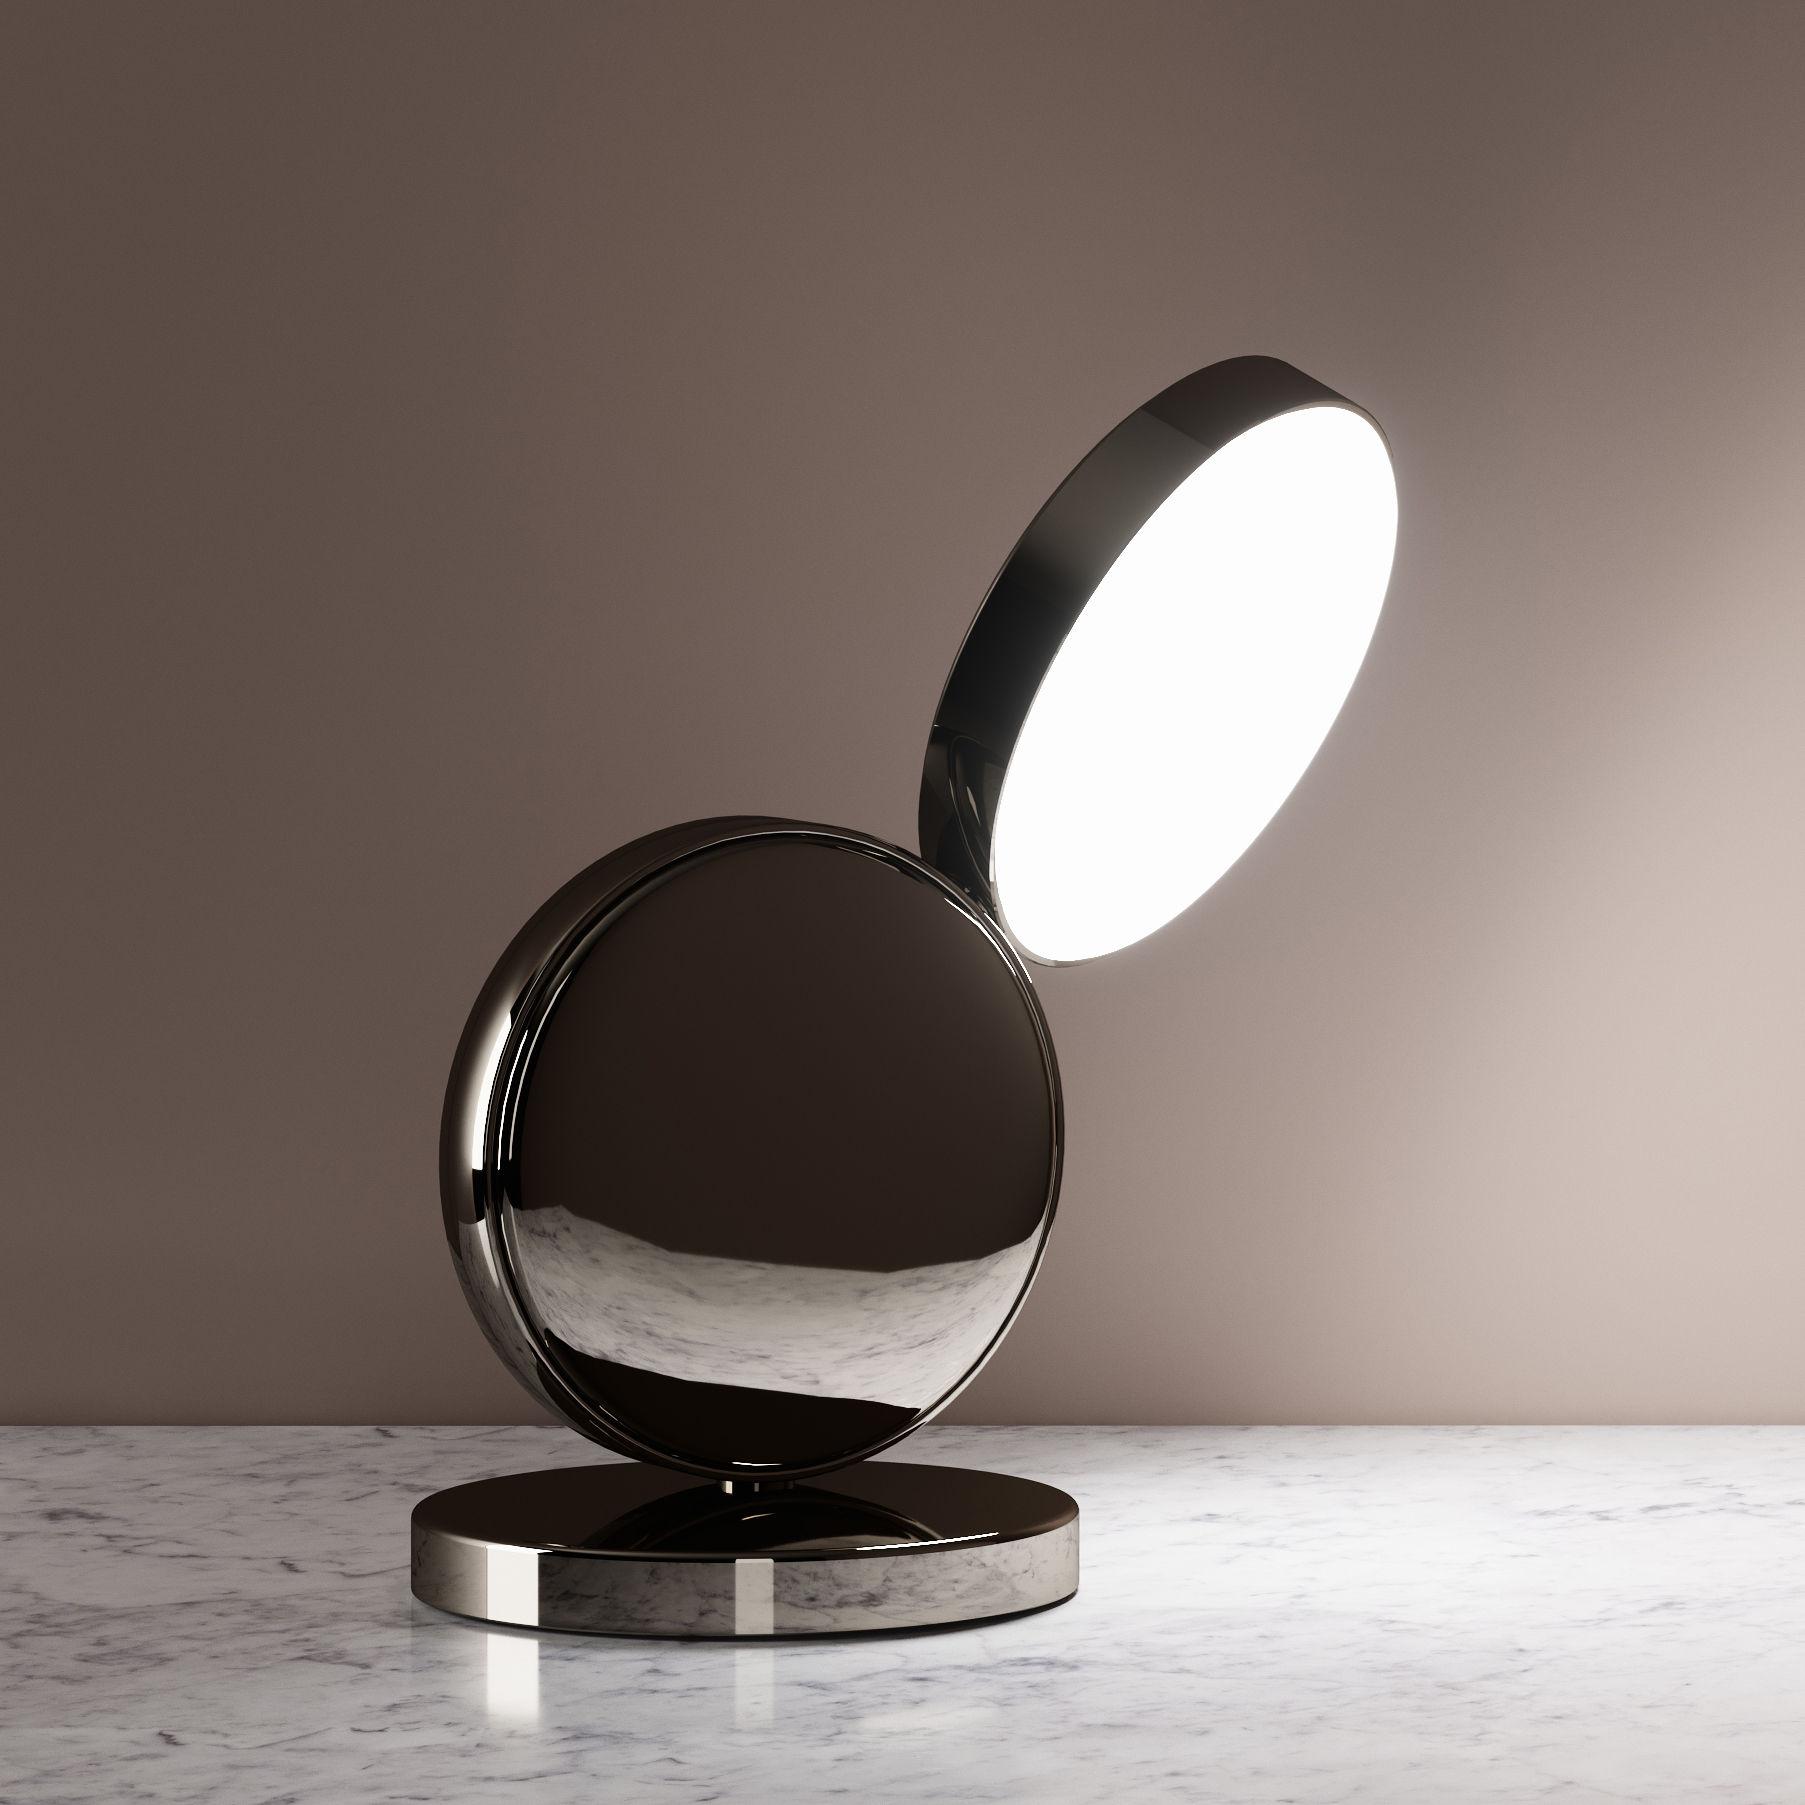 Illuminazione - Lampade da tavolo - Lampada da tavolo Optunia - / LED - Orientabile di Fontana Arte - Cromato - Alluminio, Vetro